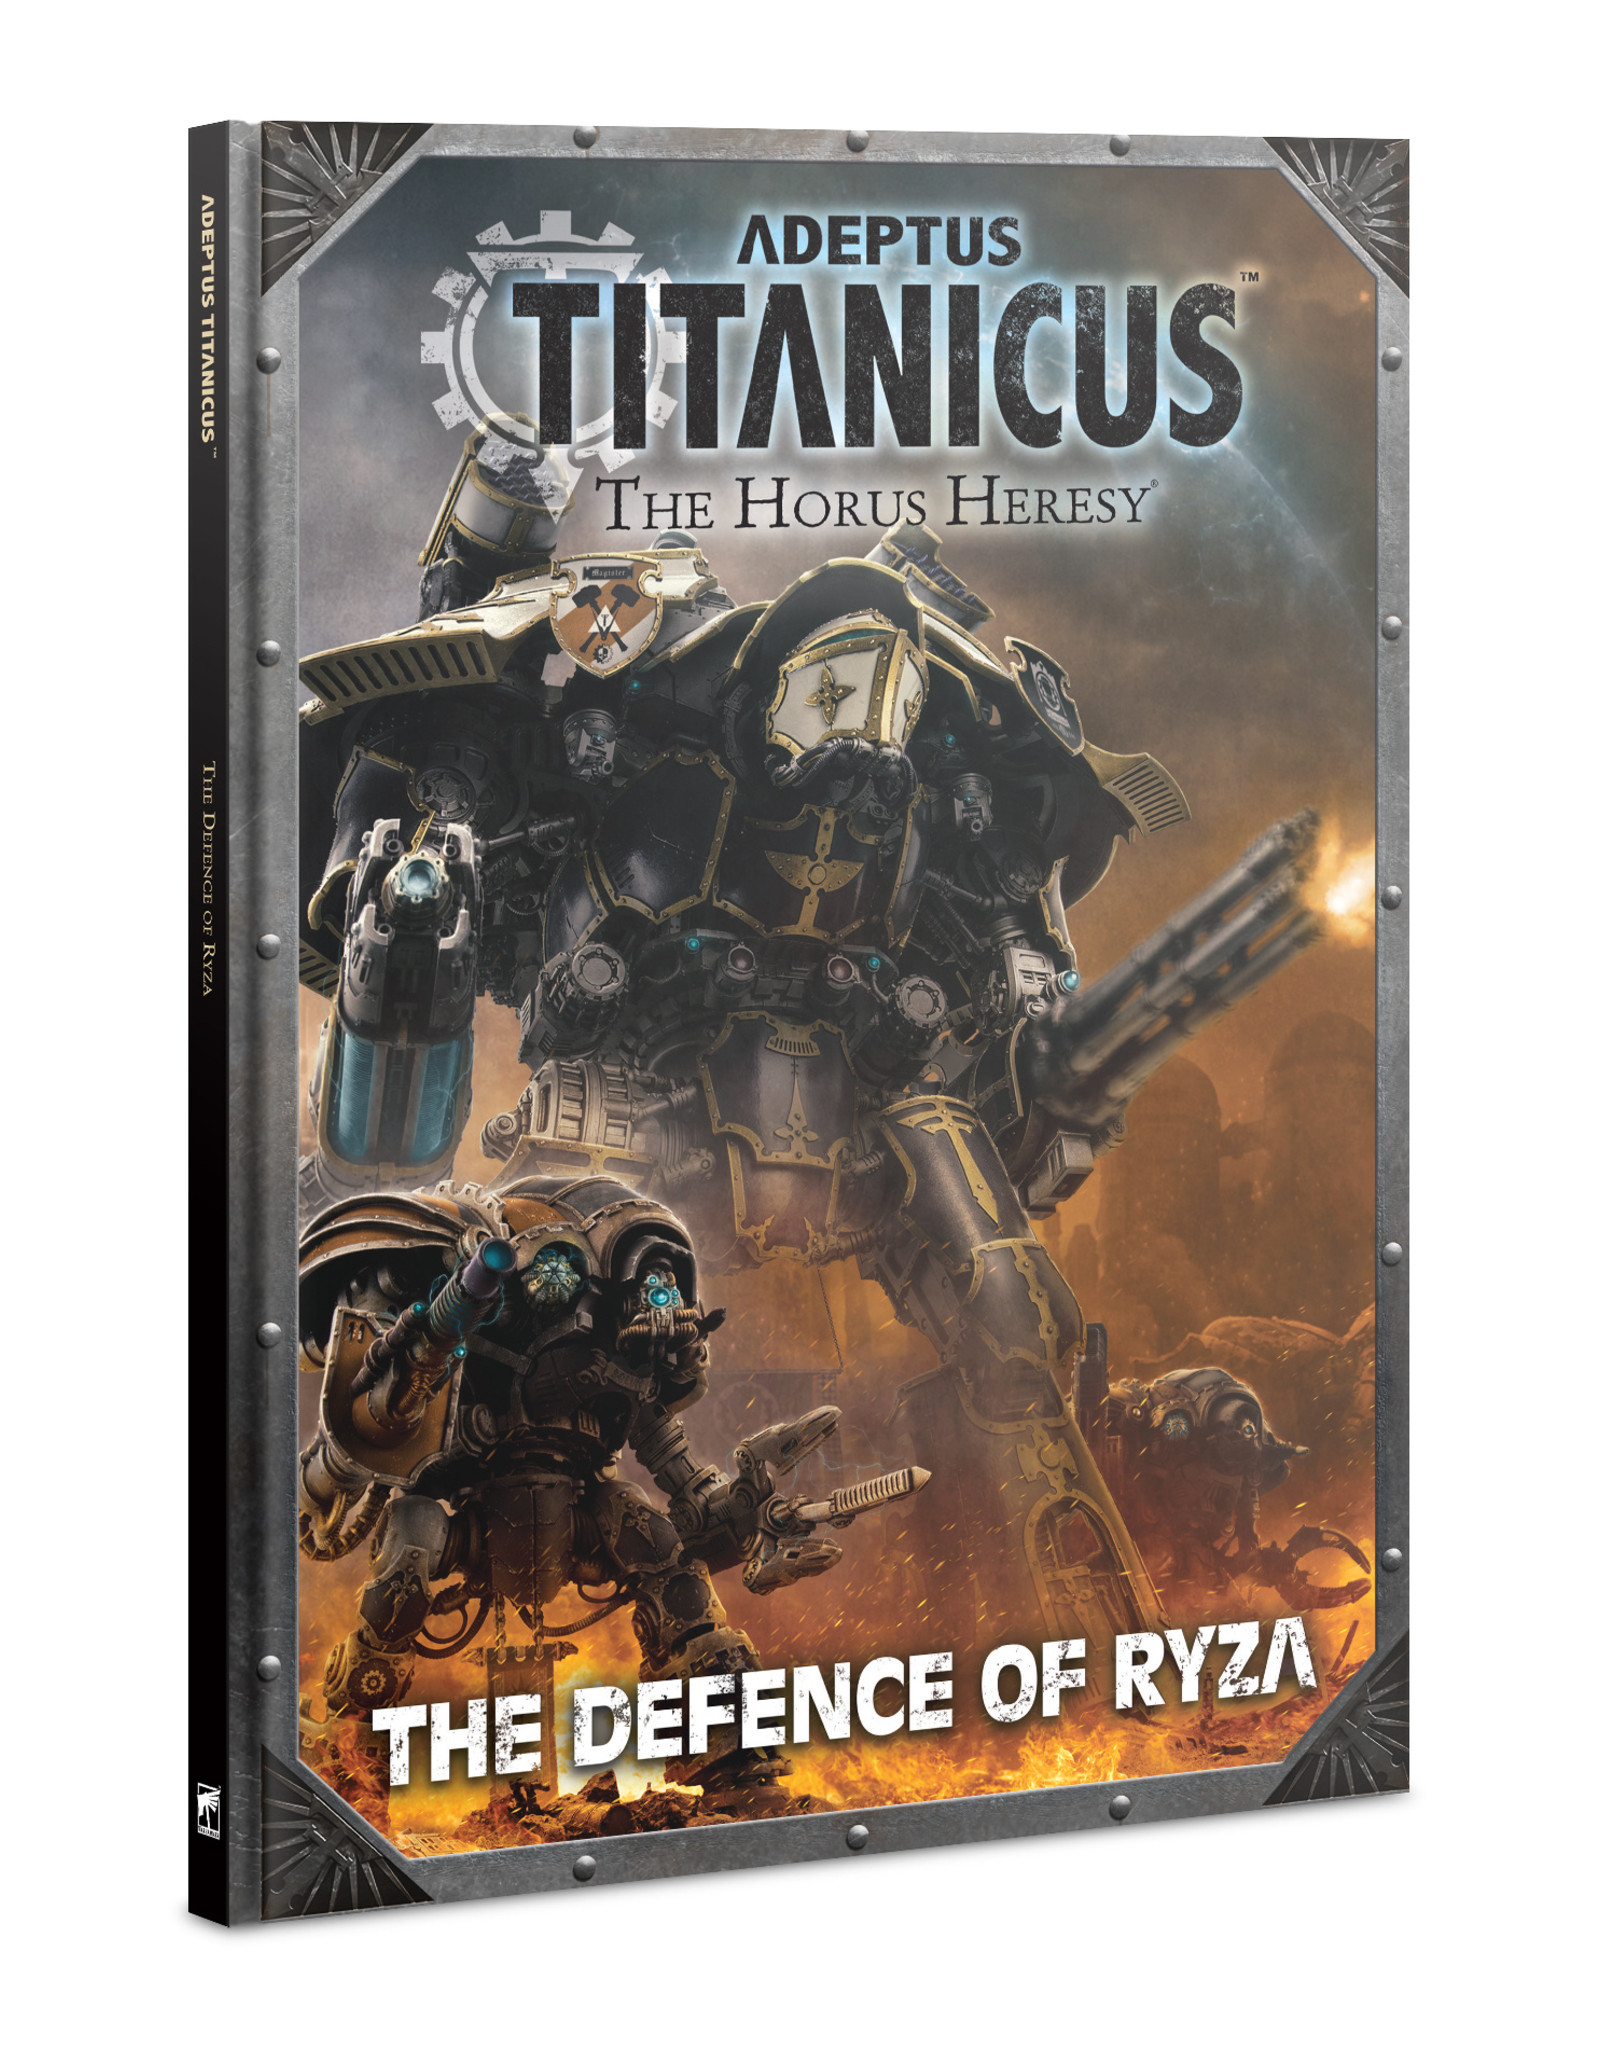 Adeptus Titanicus Adeptus Titanicus: Defense of Ryza